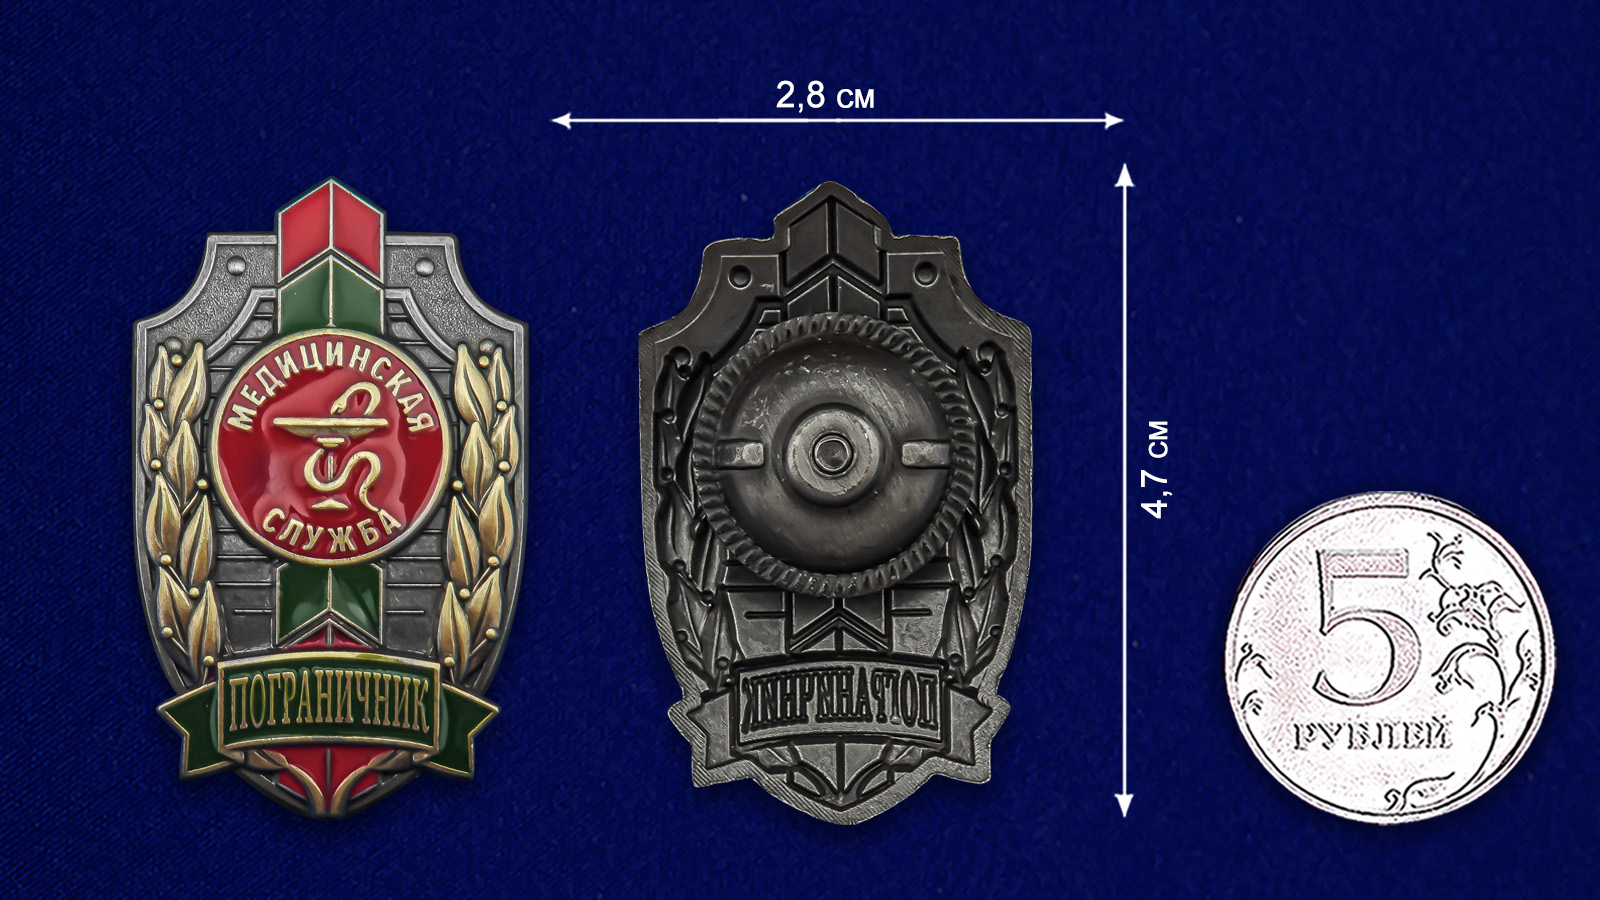 Памятный знак Пограничник Медицинская служба - сравнительный вид